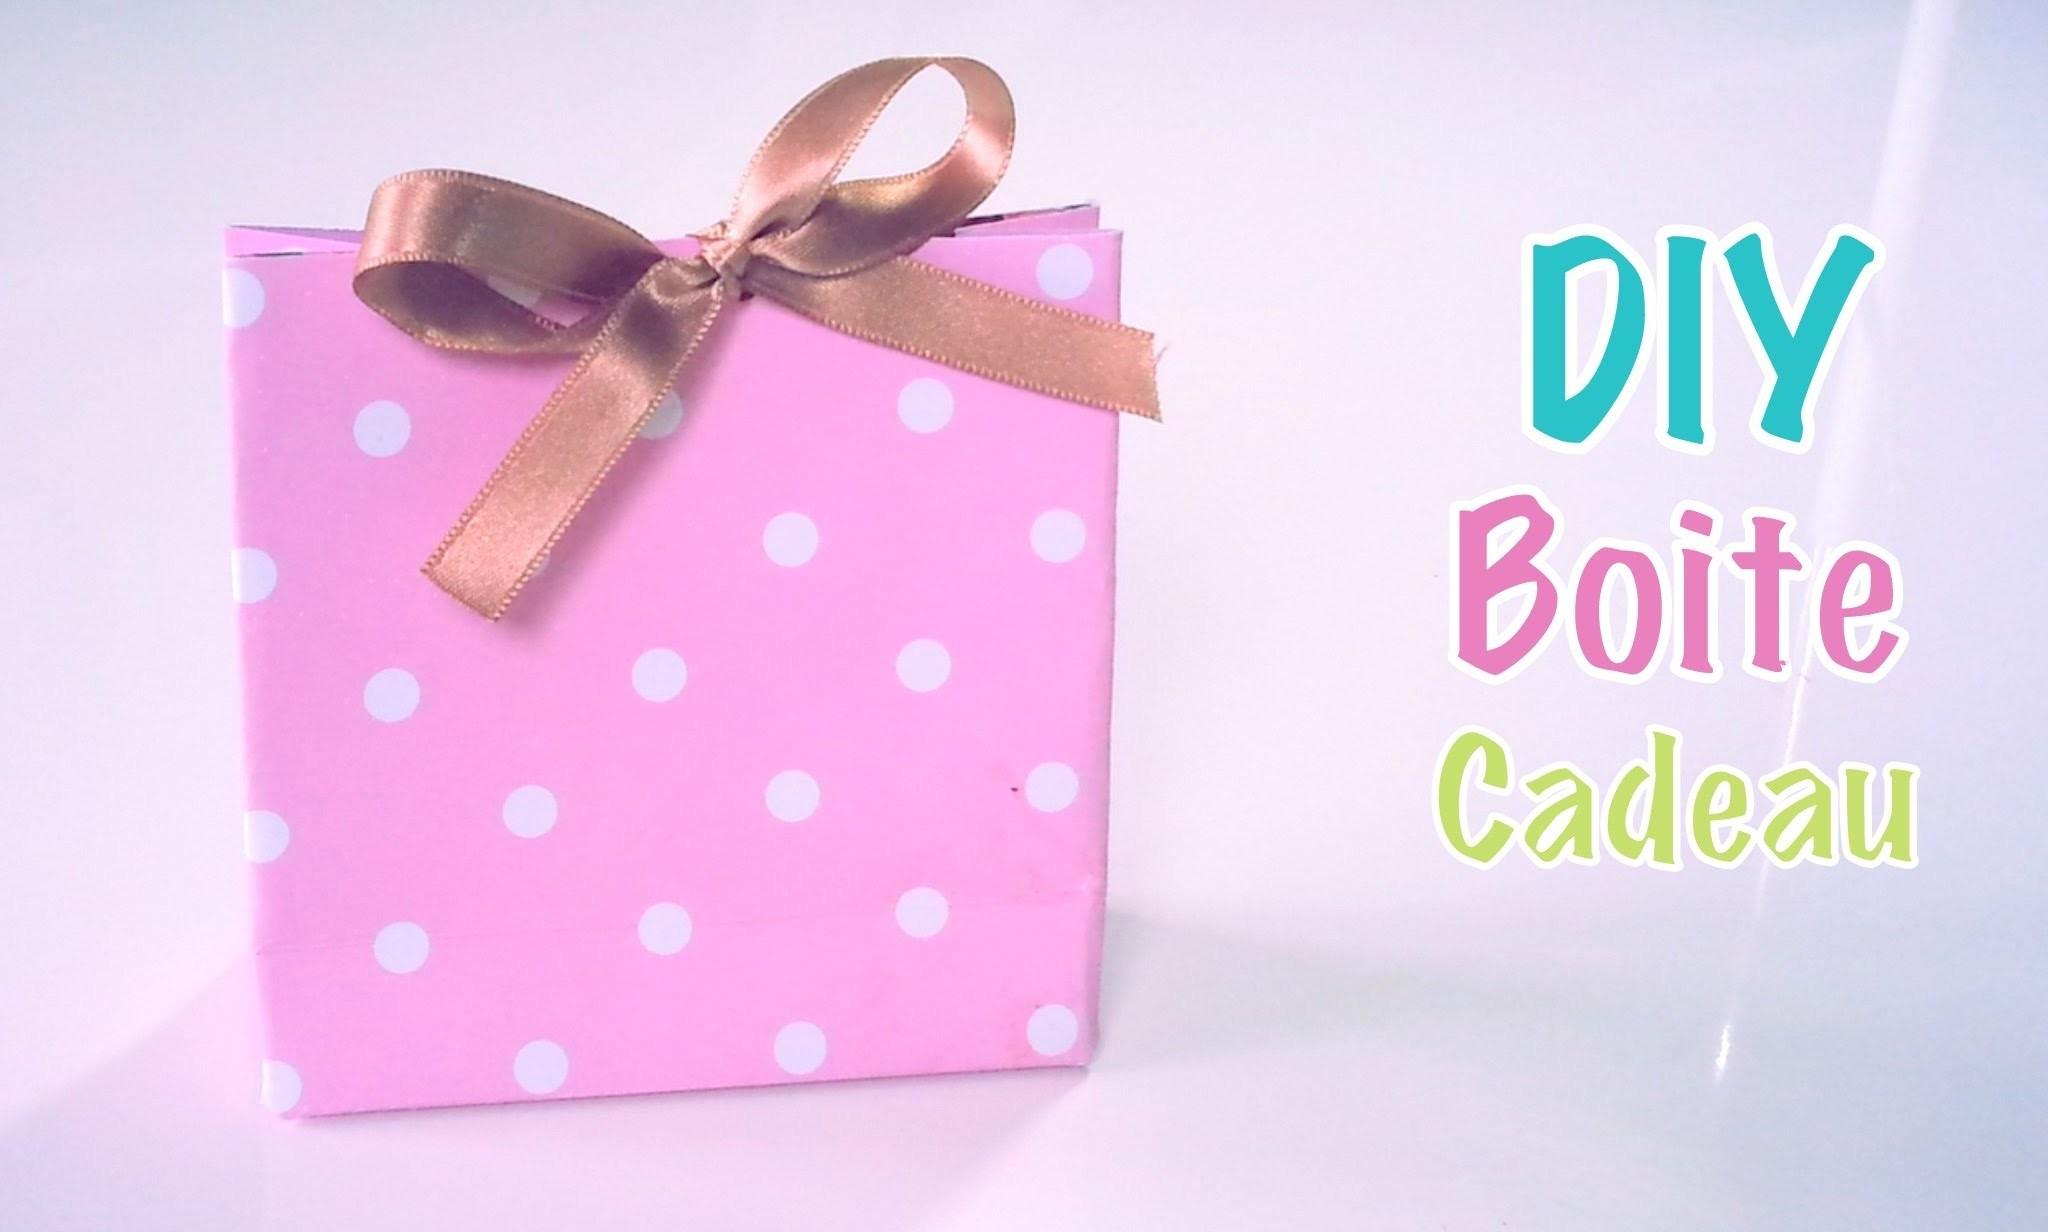 diy cr ation boites cadeaux drag es en papier carton. Black Bedroom Furniture Sets. Home Design Ideas